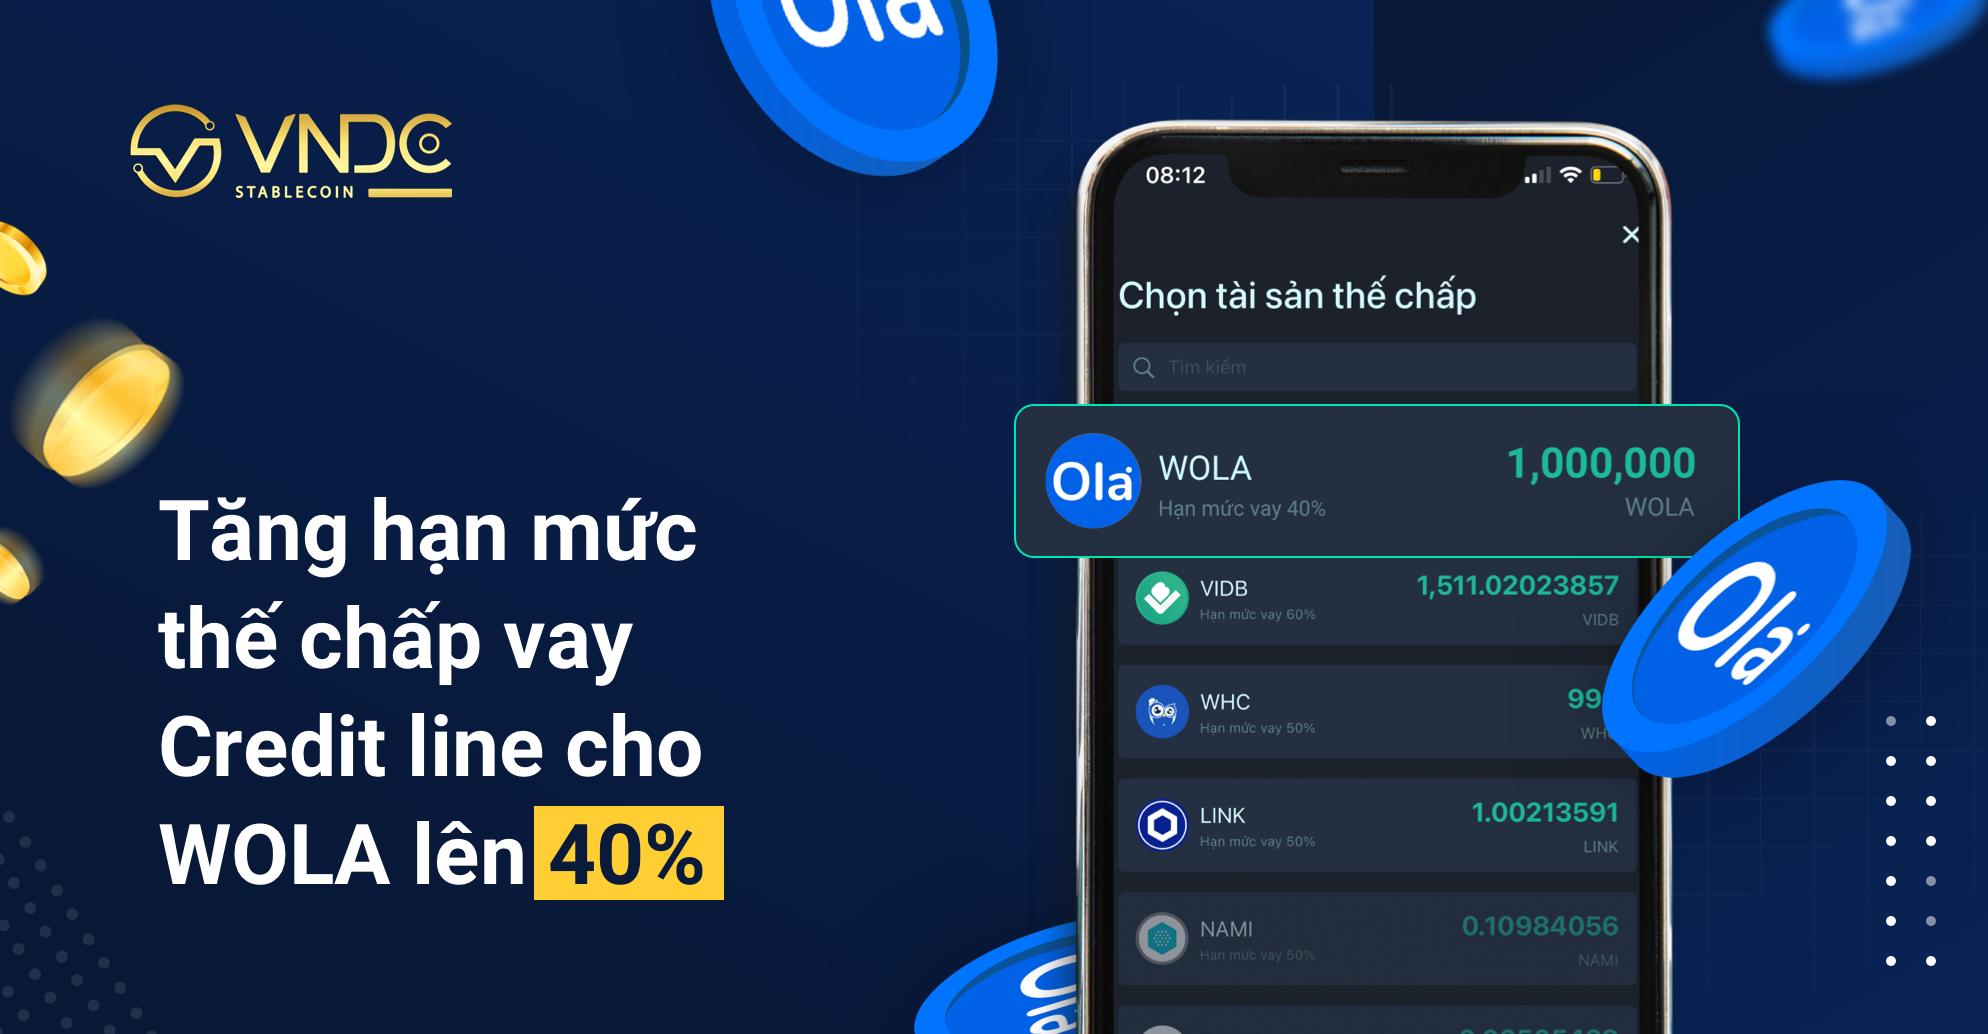 Thông báo: Tăng hạn mức vay Credit Line cho Wrapped Ola (WOLA) lên 40%